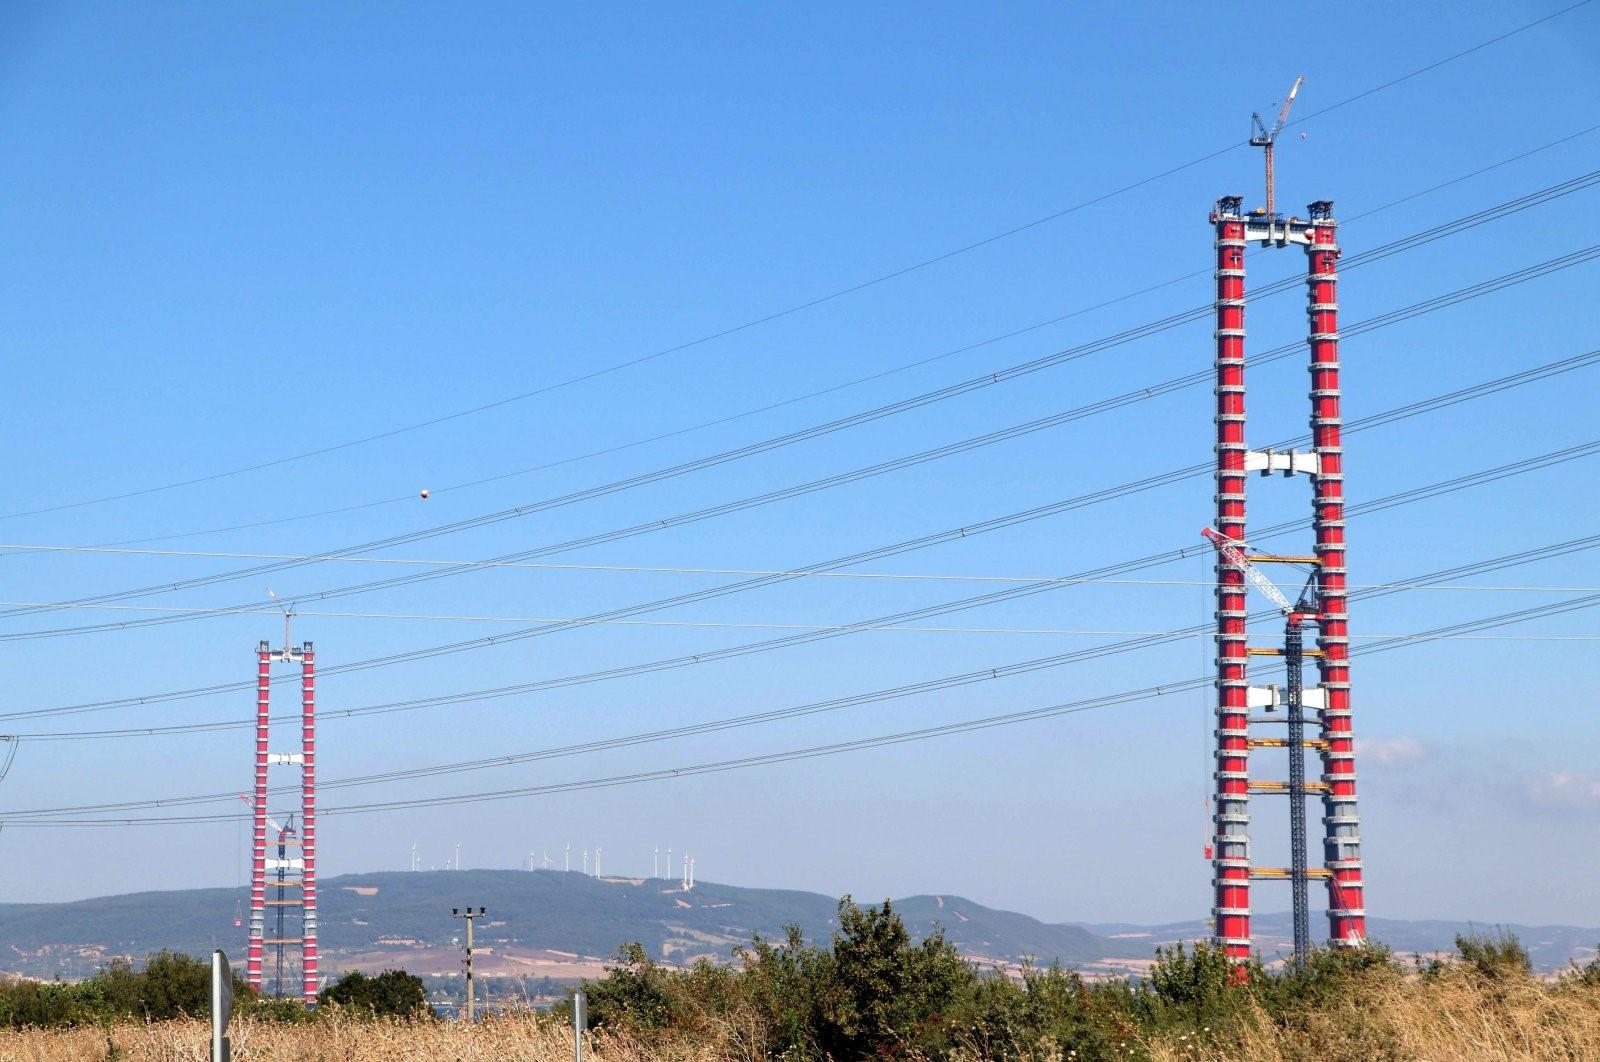 cơ sở hạ tầng của Thổ Nhĩ Kỳ